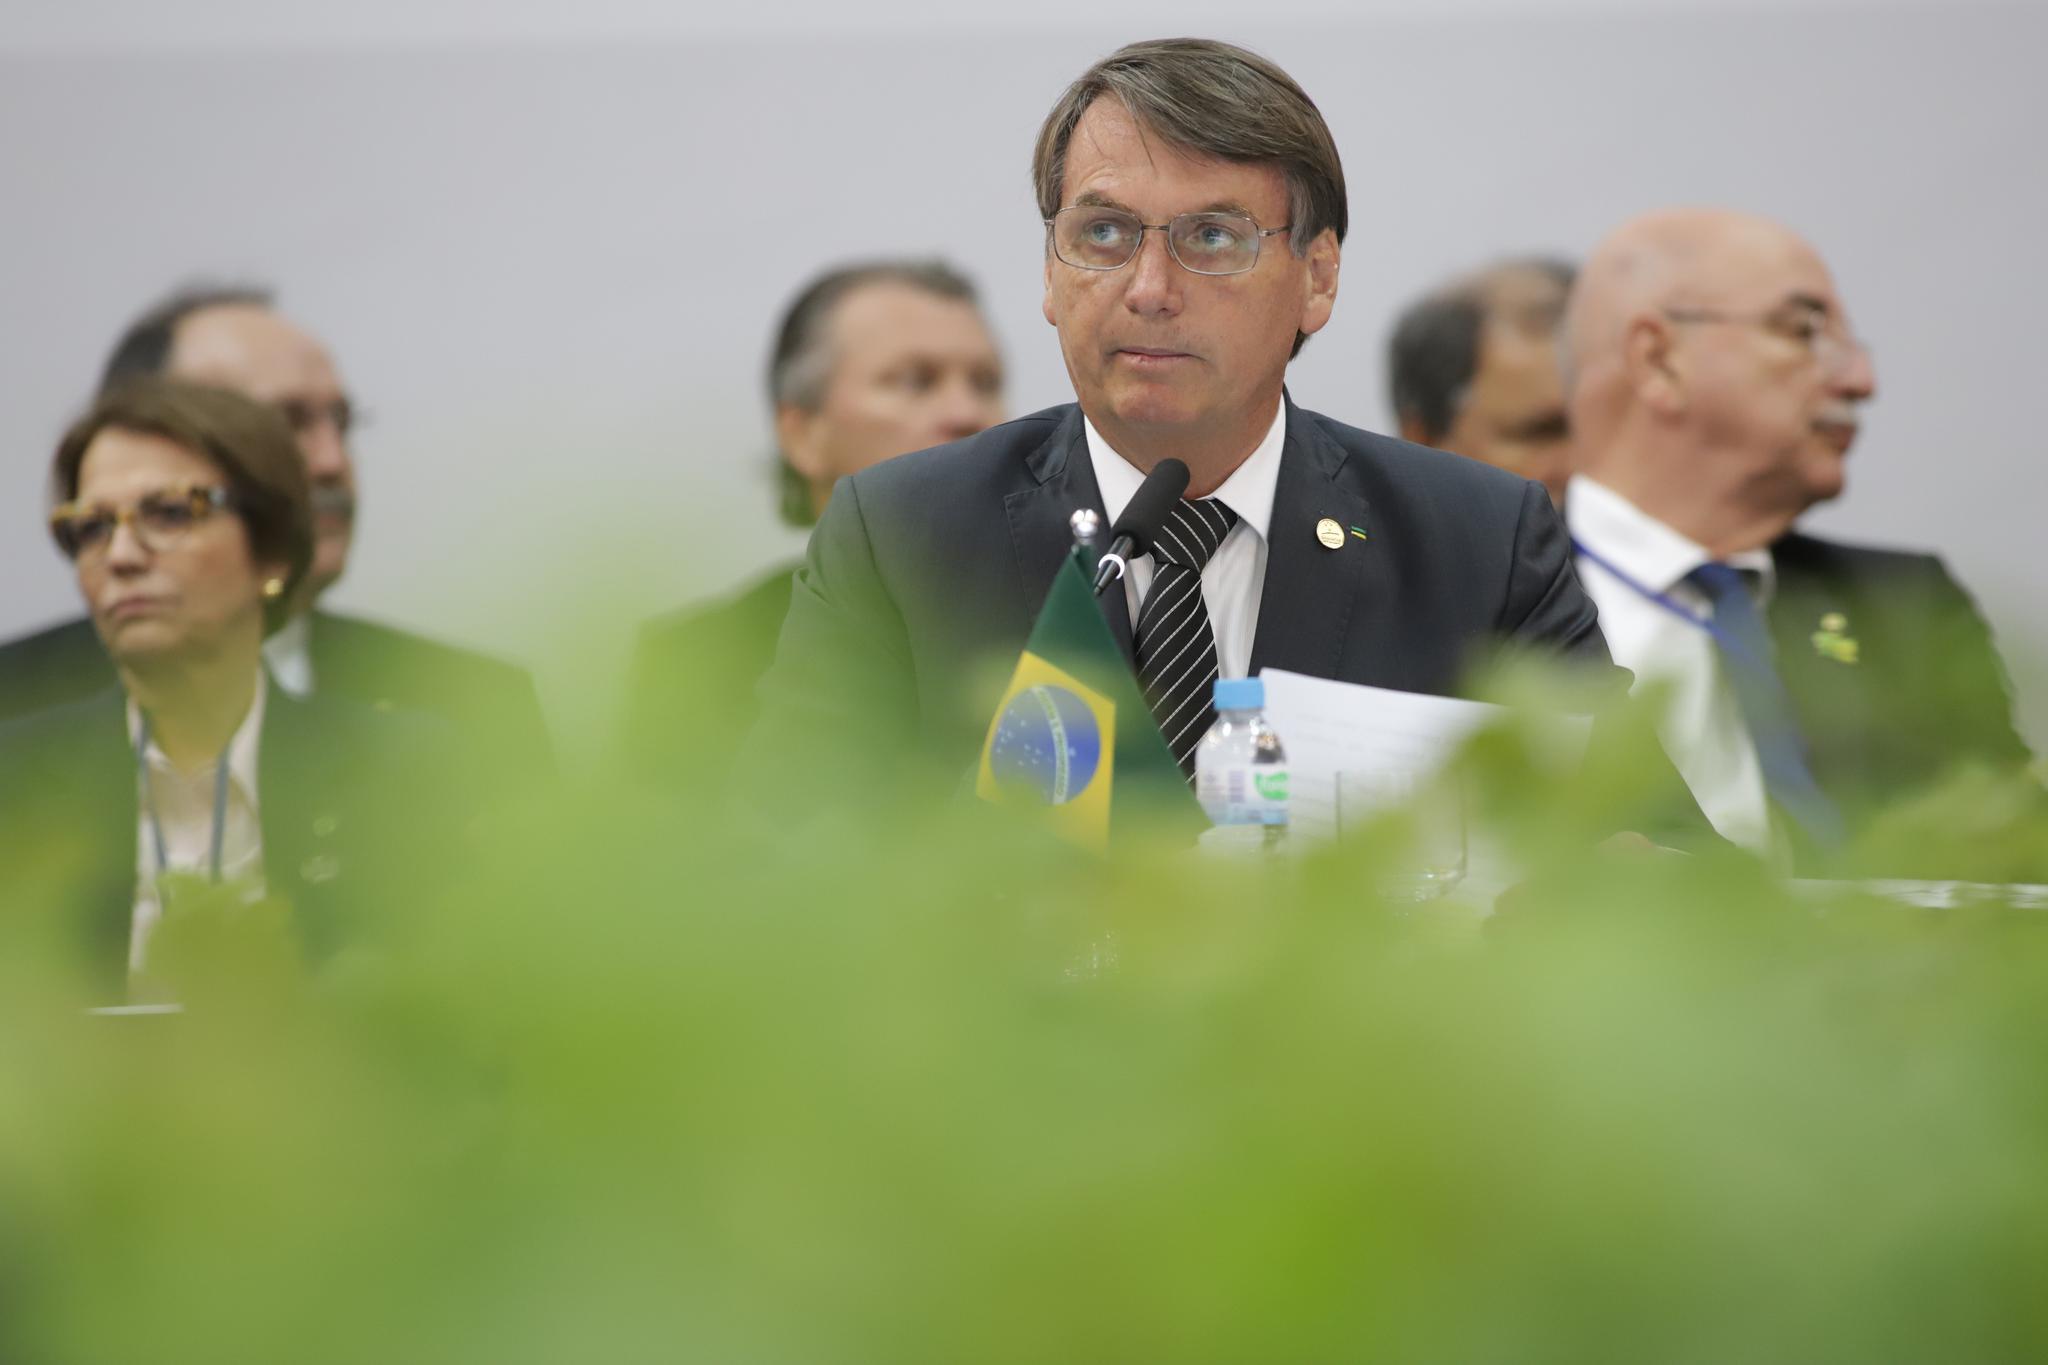 巴西和美国签订三项双边经贸合作协议